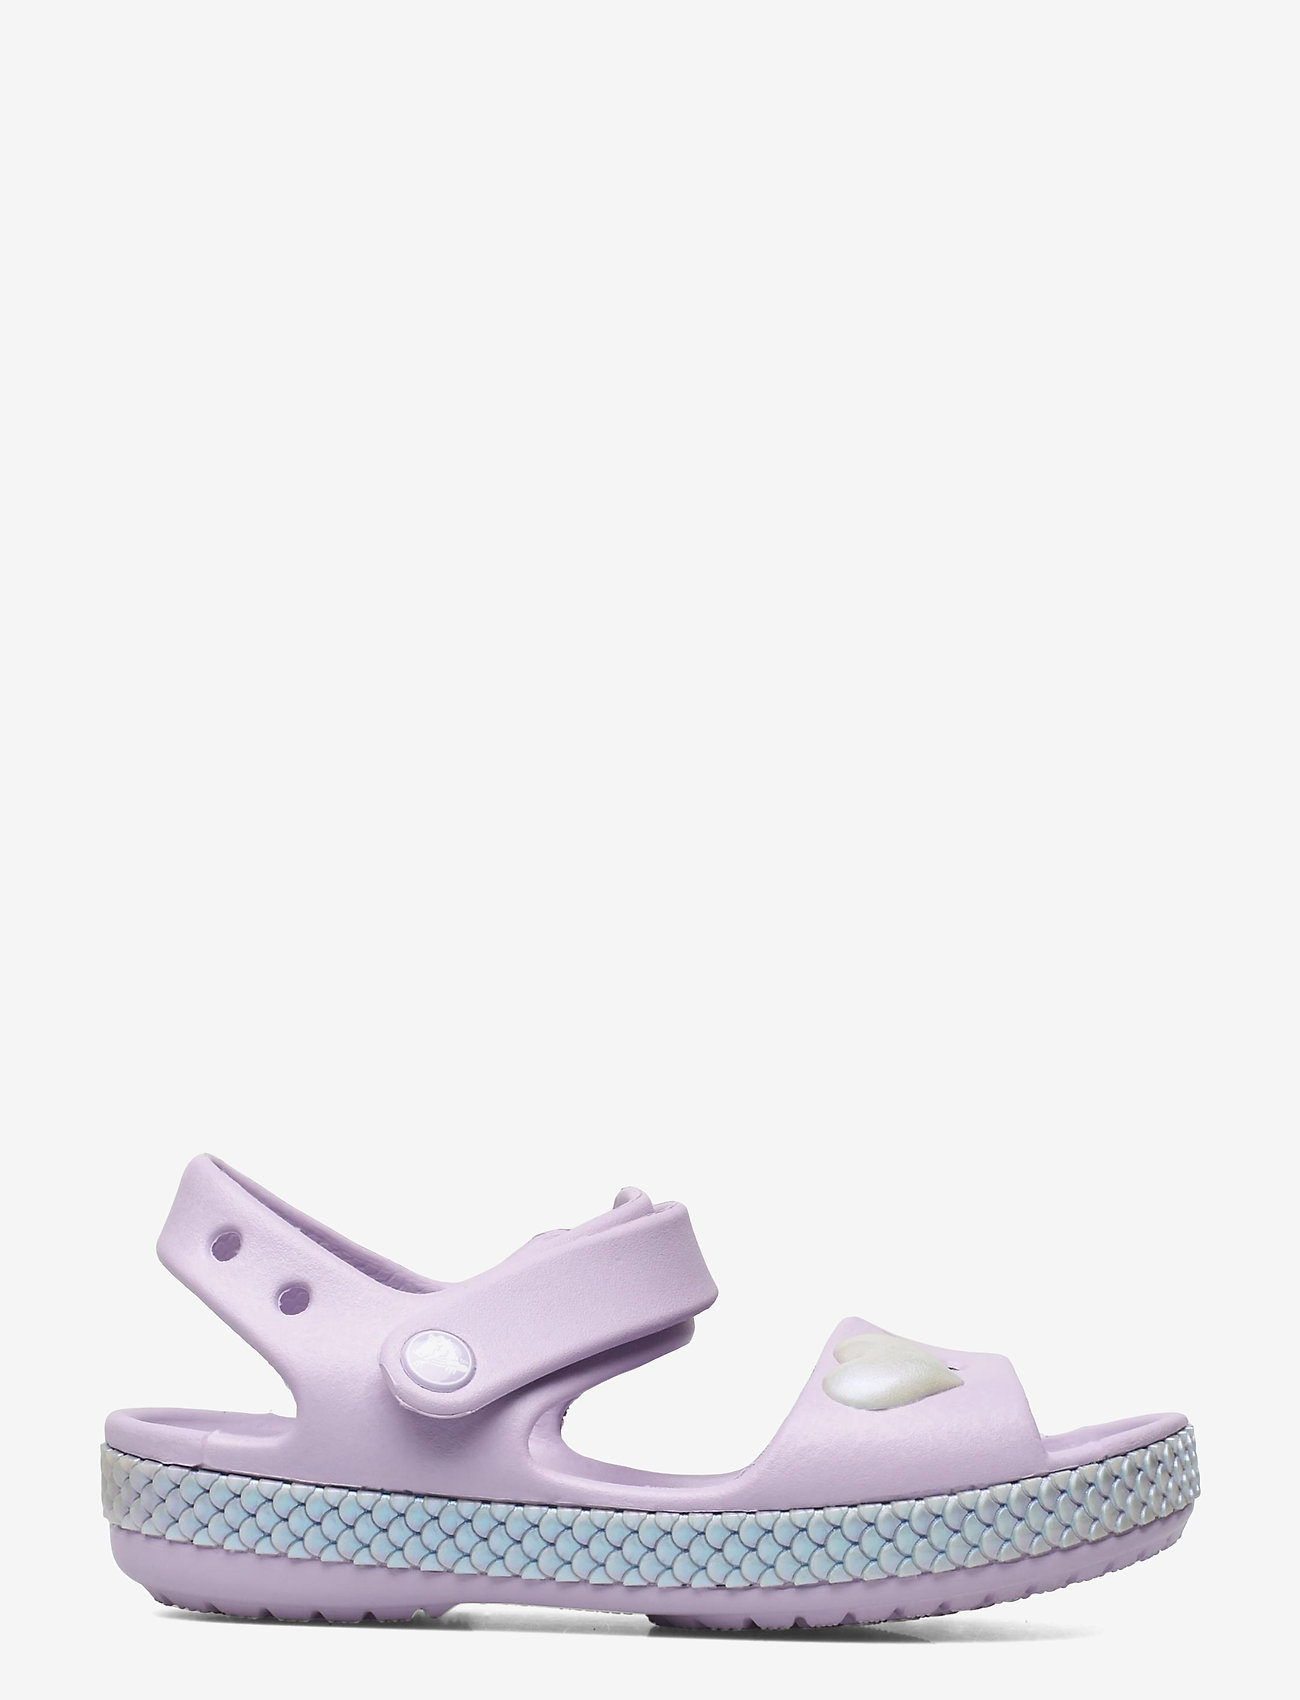 Crocs - Crocband Imagination Sandal - lavender - 1